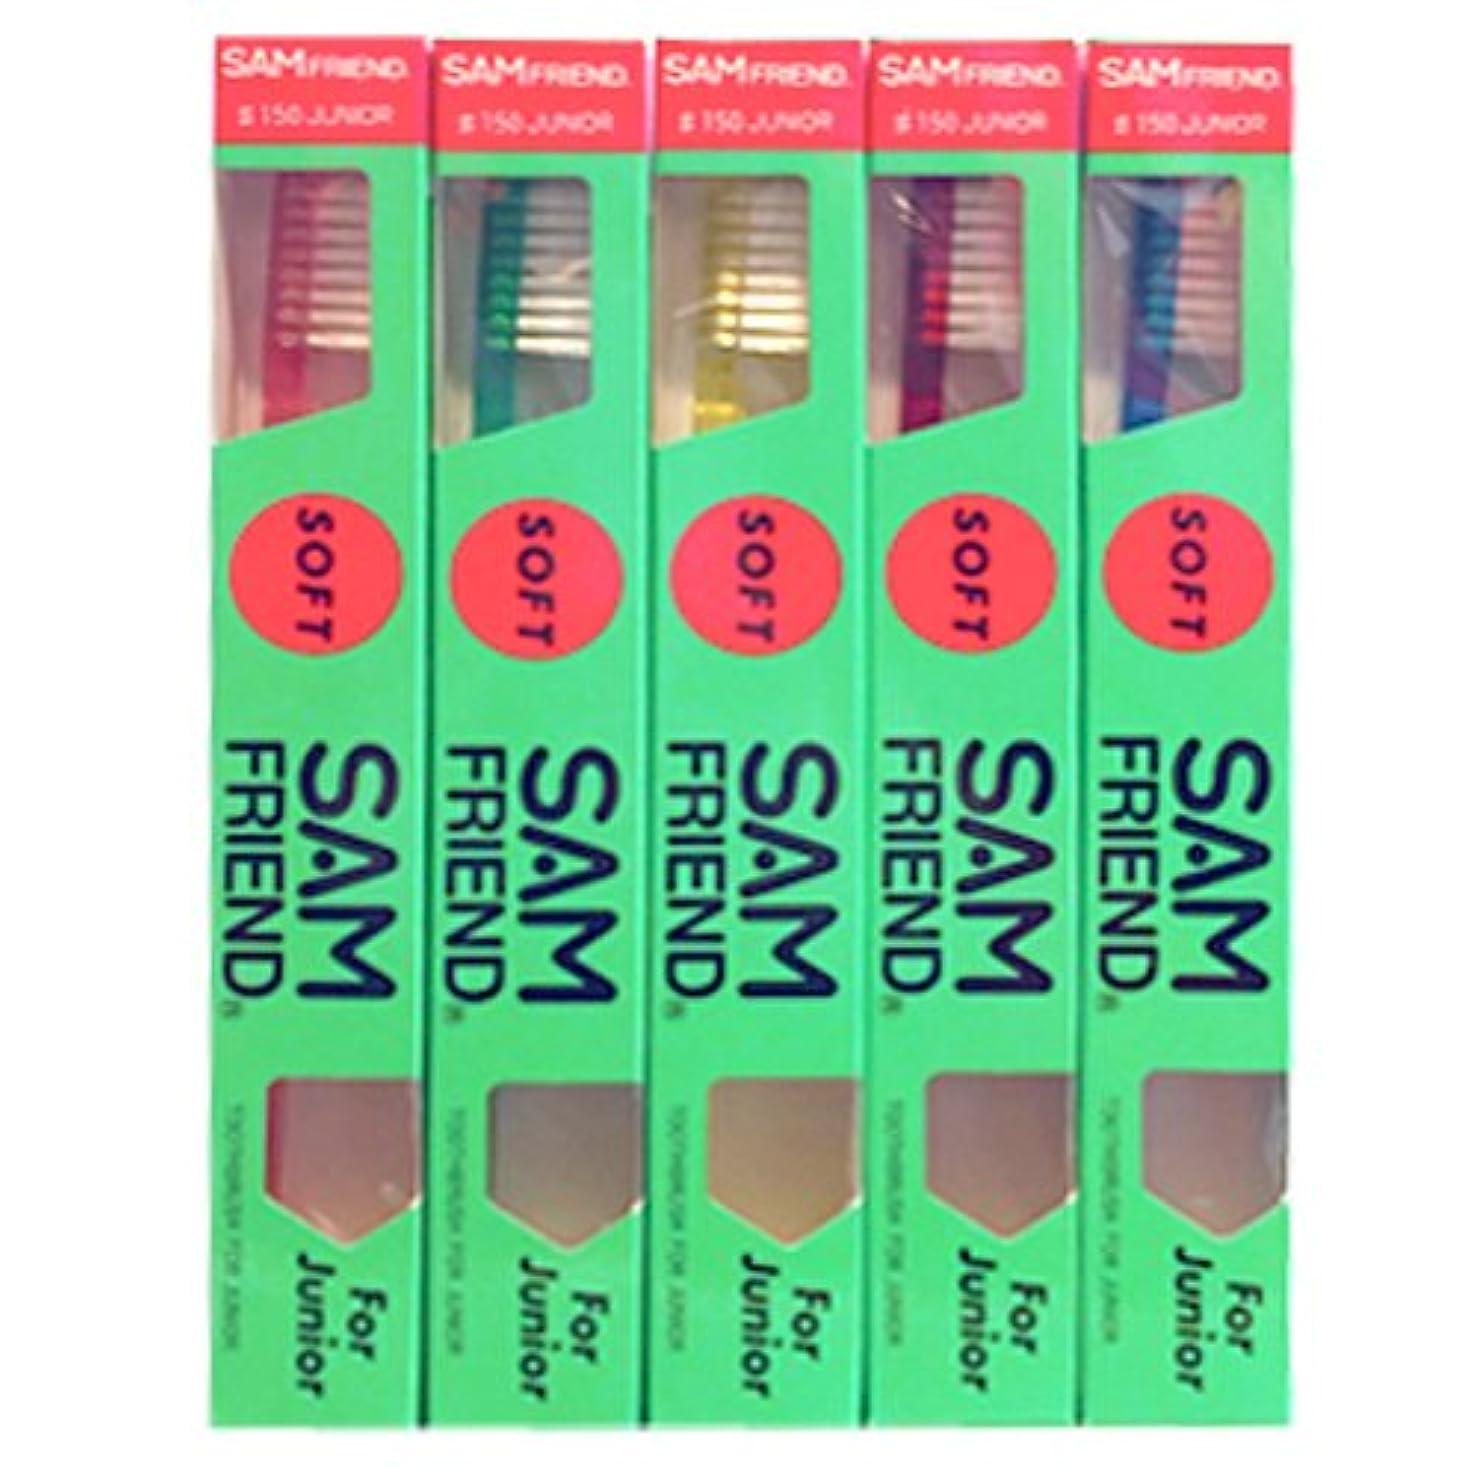 するだろうリボンレベルサムフレンド サムフレンド 歯ブラシ #150ジュニア 5色セット 6~12才用 歯並びが複雑で汚れやすい小さな口 ソフト